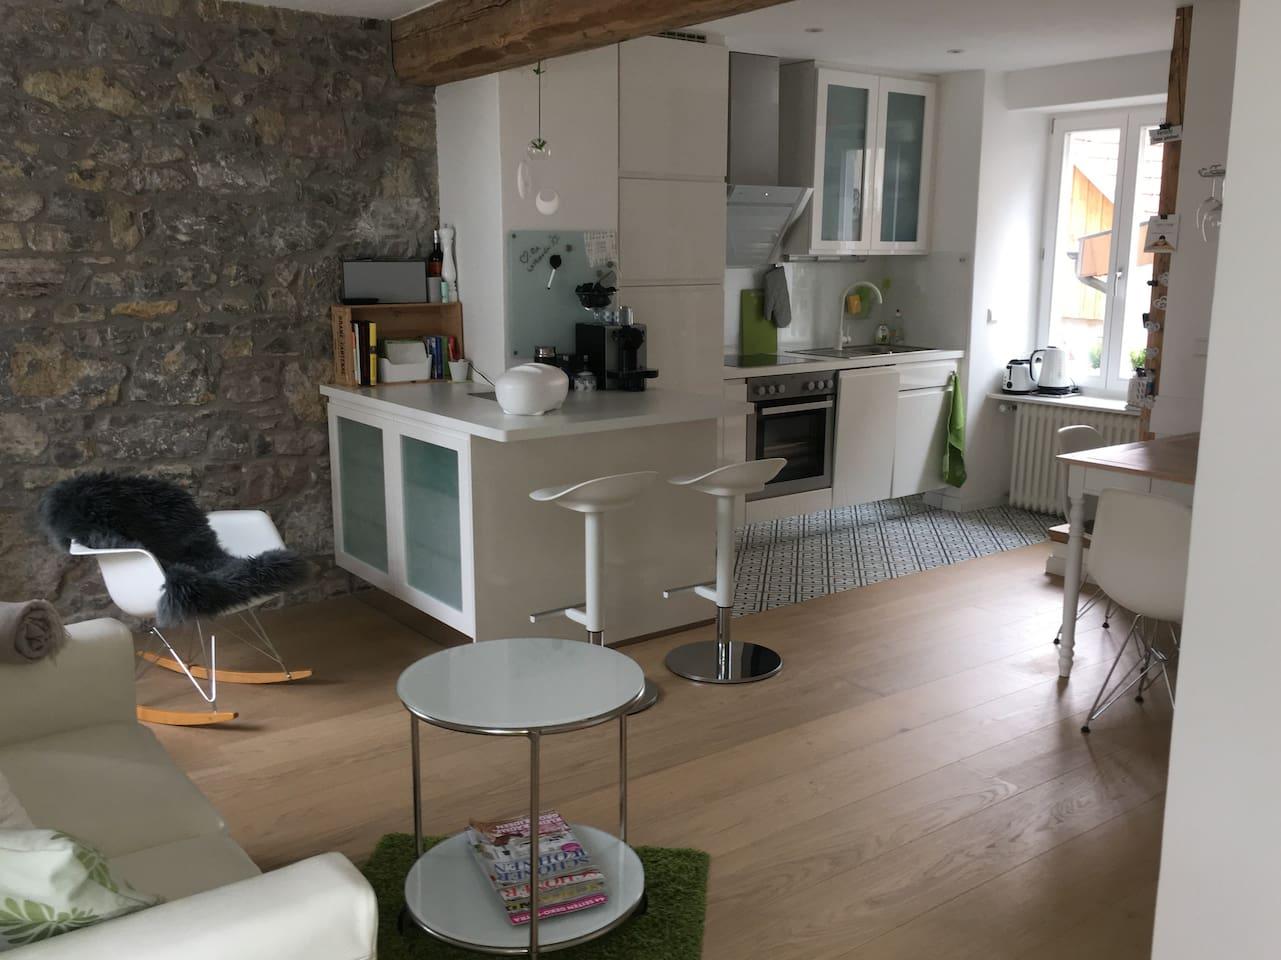 Wohnbereich mit offener Küche und Essecke, Vitra Möbel